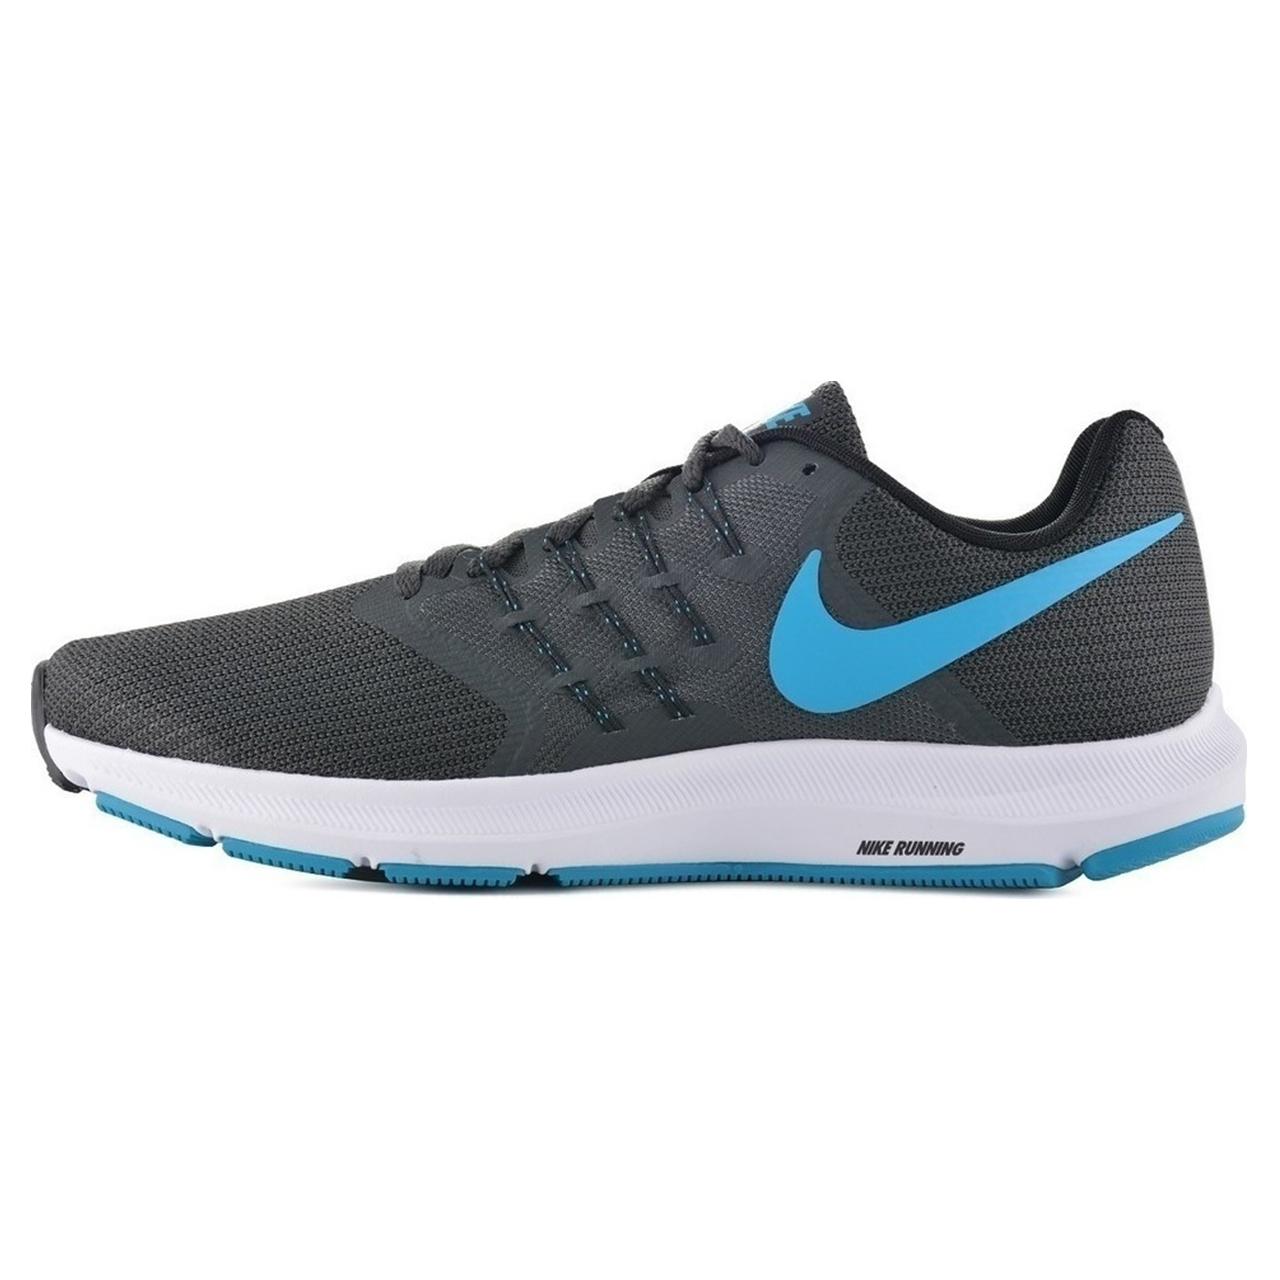 قیمت کفش مخصوص دویدن مردانه نایکی مدل 908989-014